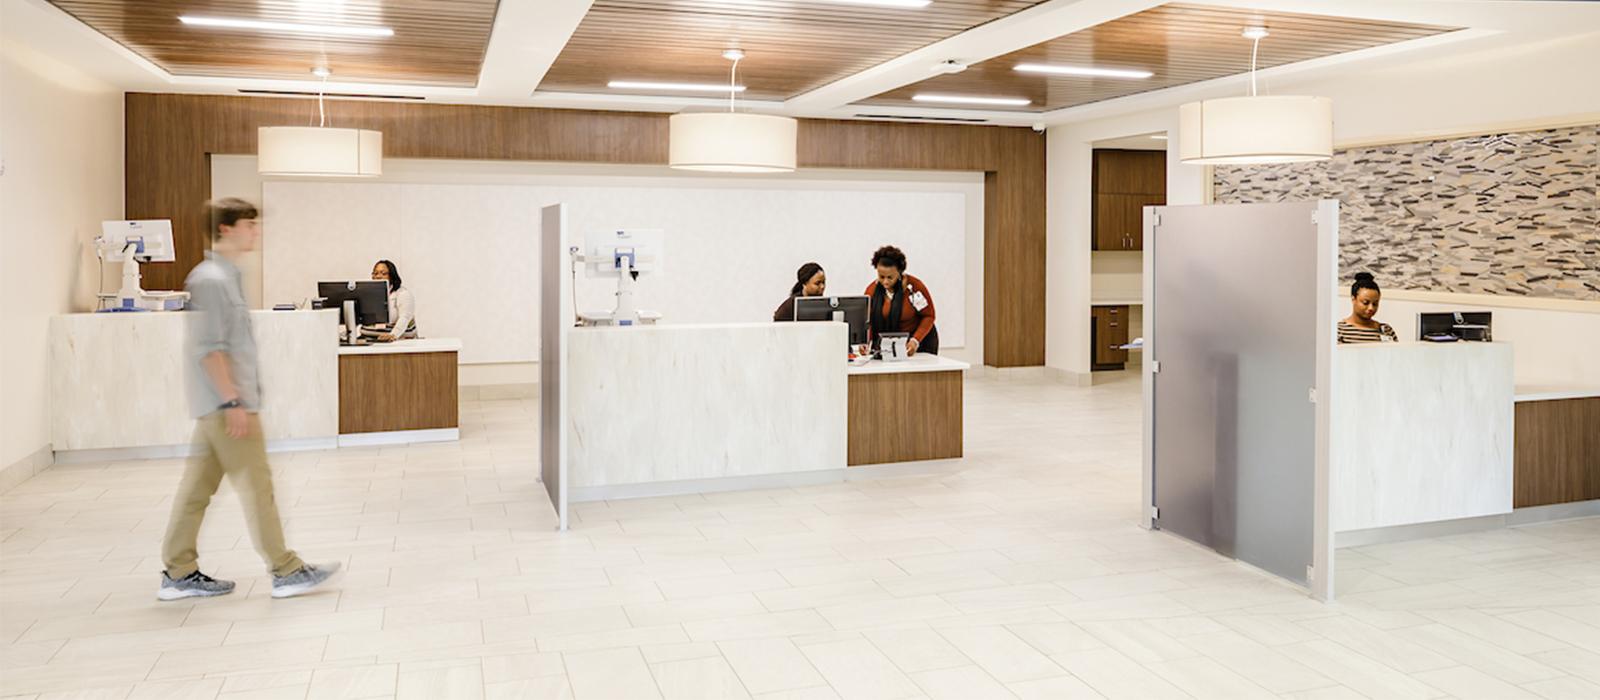 sentara belleharbour medical office space